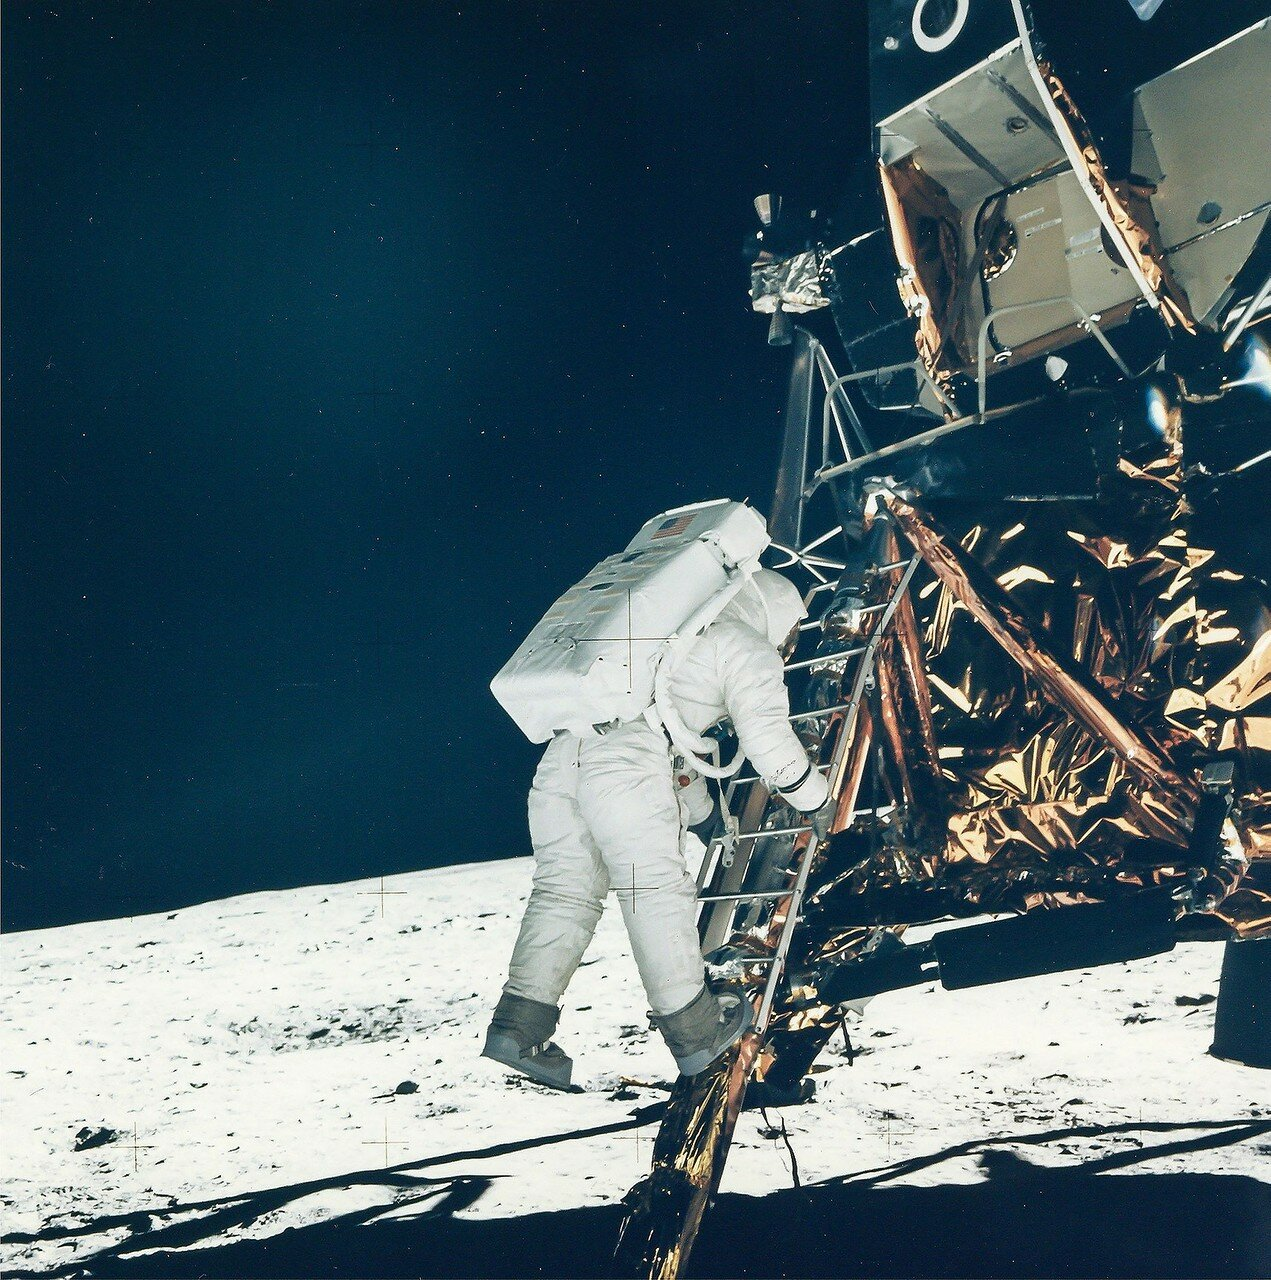 Держась правой рукой за лестницу, Армстронг левой ногой ступил на лунную поверхность и произнёс: «Это один маленький шаг для человека, но гигантский скачок для всего человечества». На снимке: Базз Олдрин собирается сделать свои первые шаги по Луне